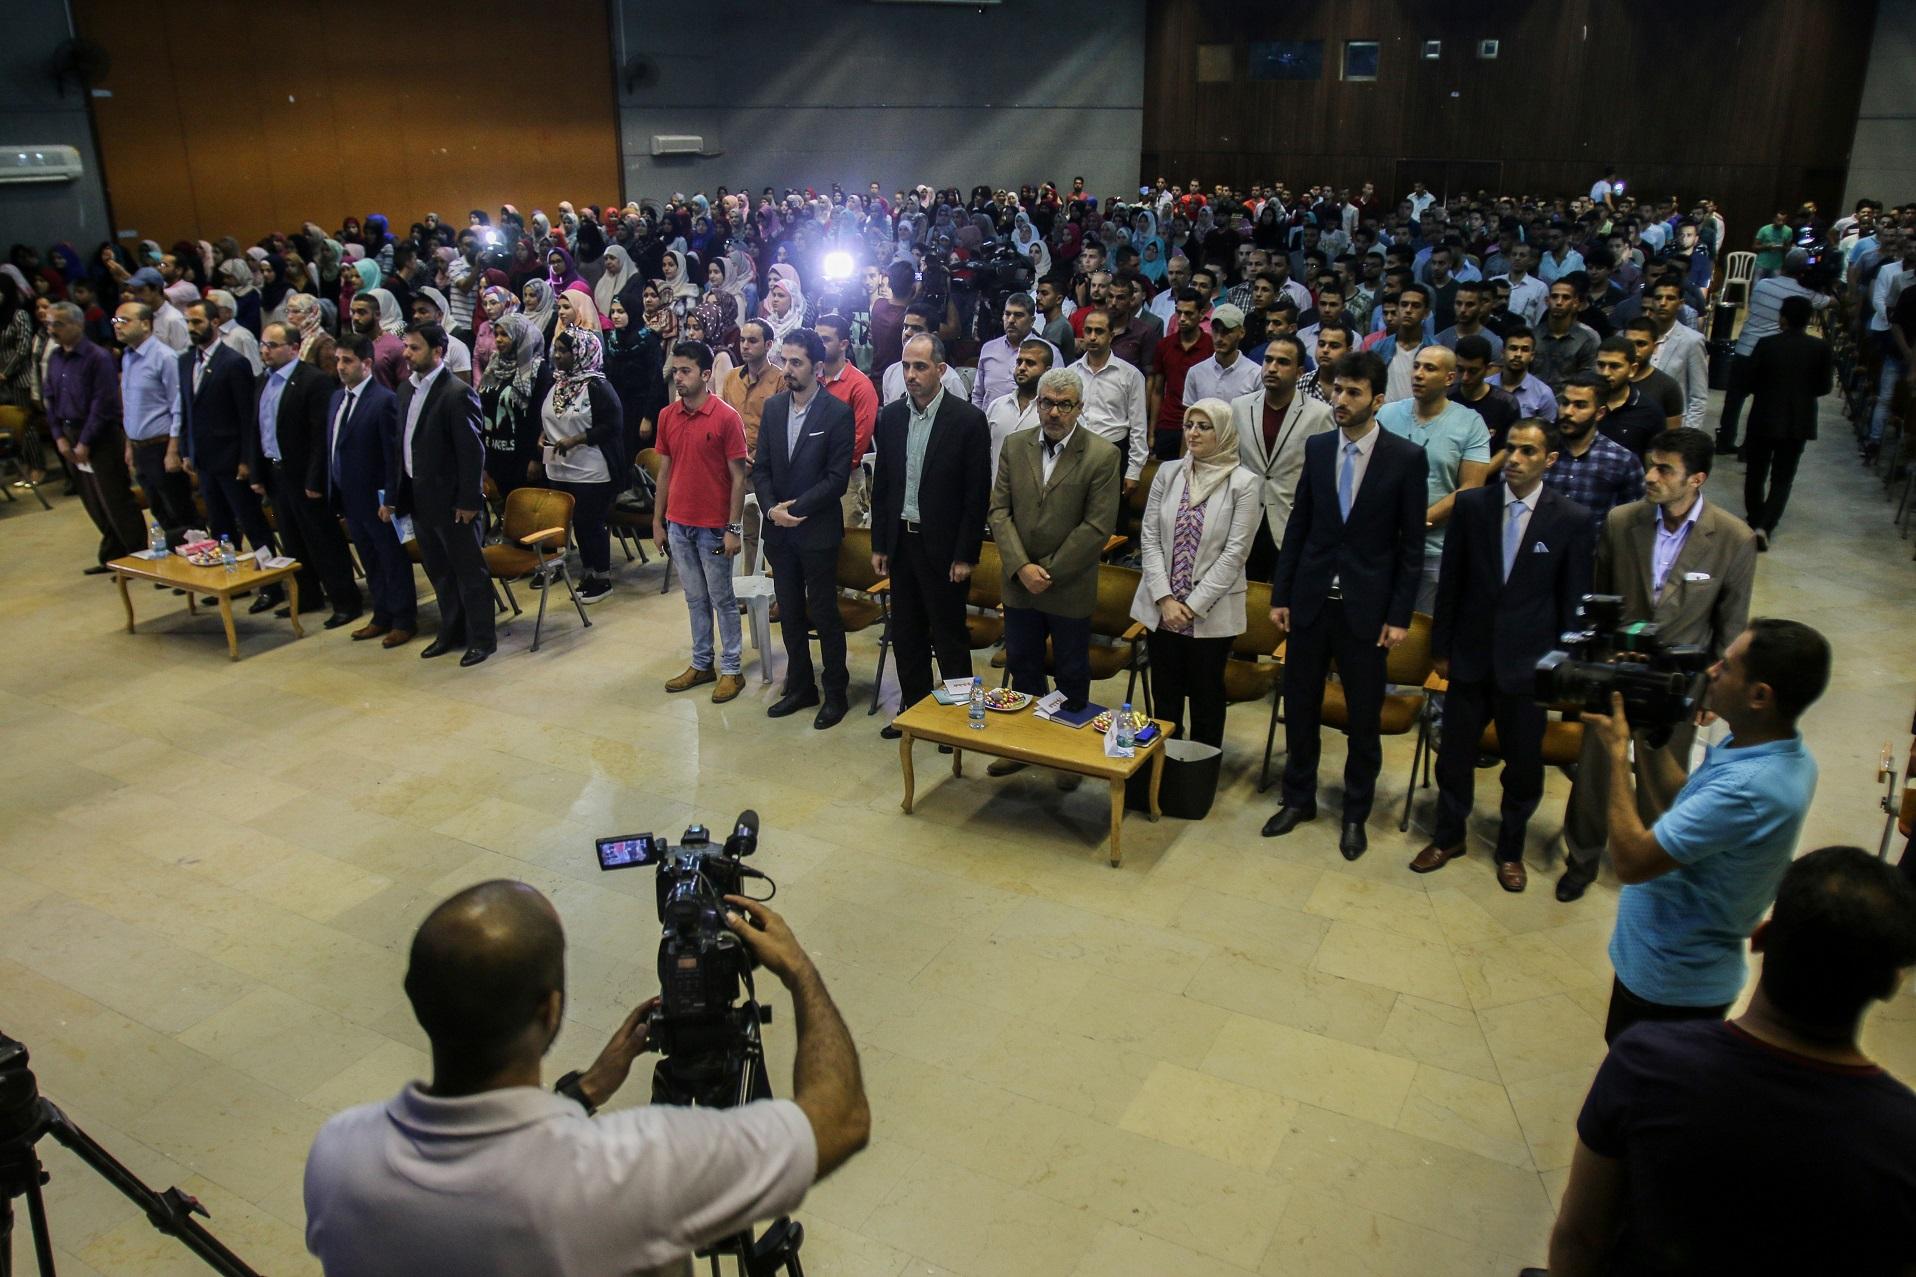 انطلاق مهرجان برنامج محاكاة الأمم المتحدة بغزة